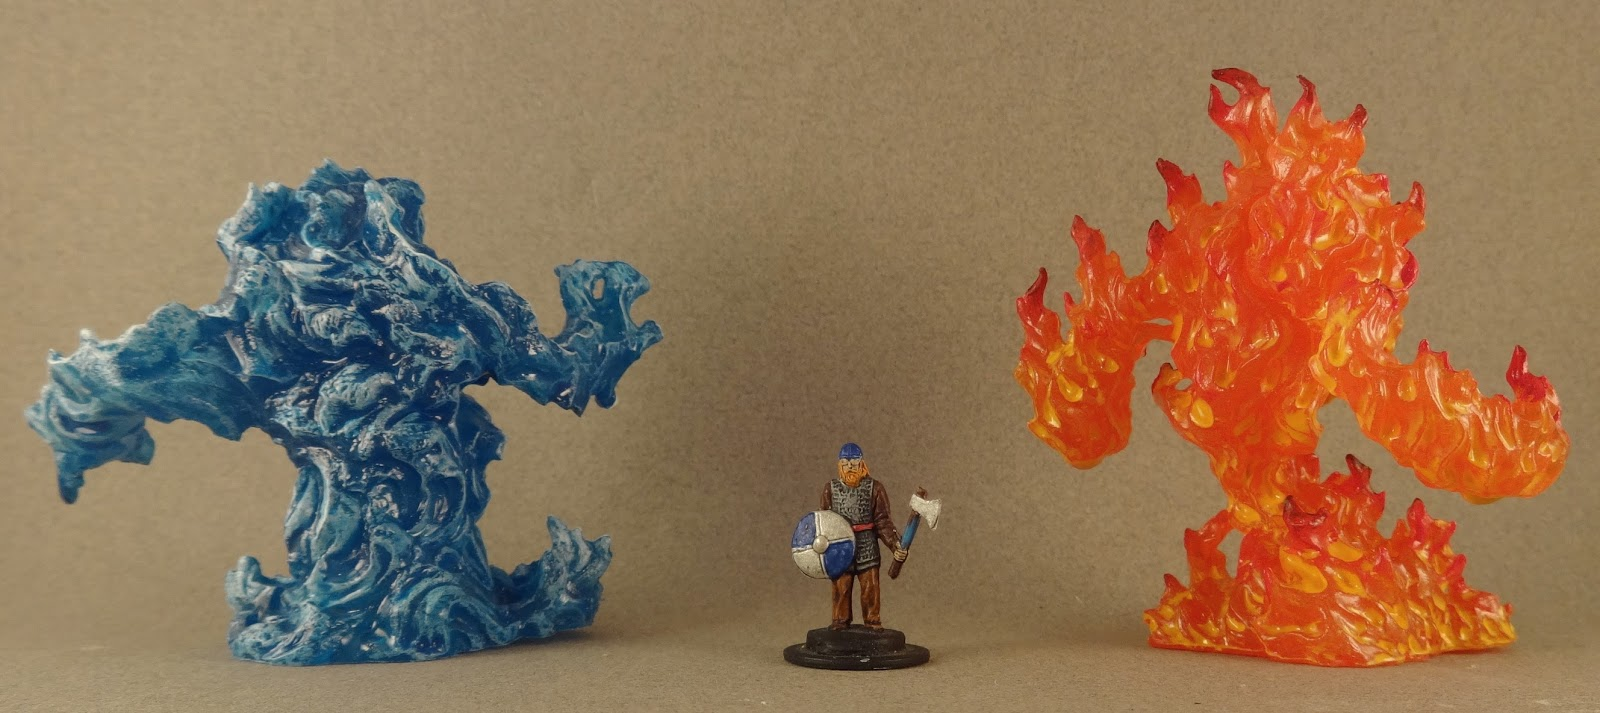 reaper fire elemental - 1600×713